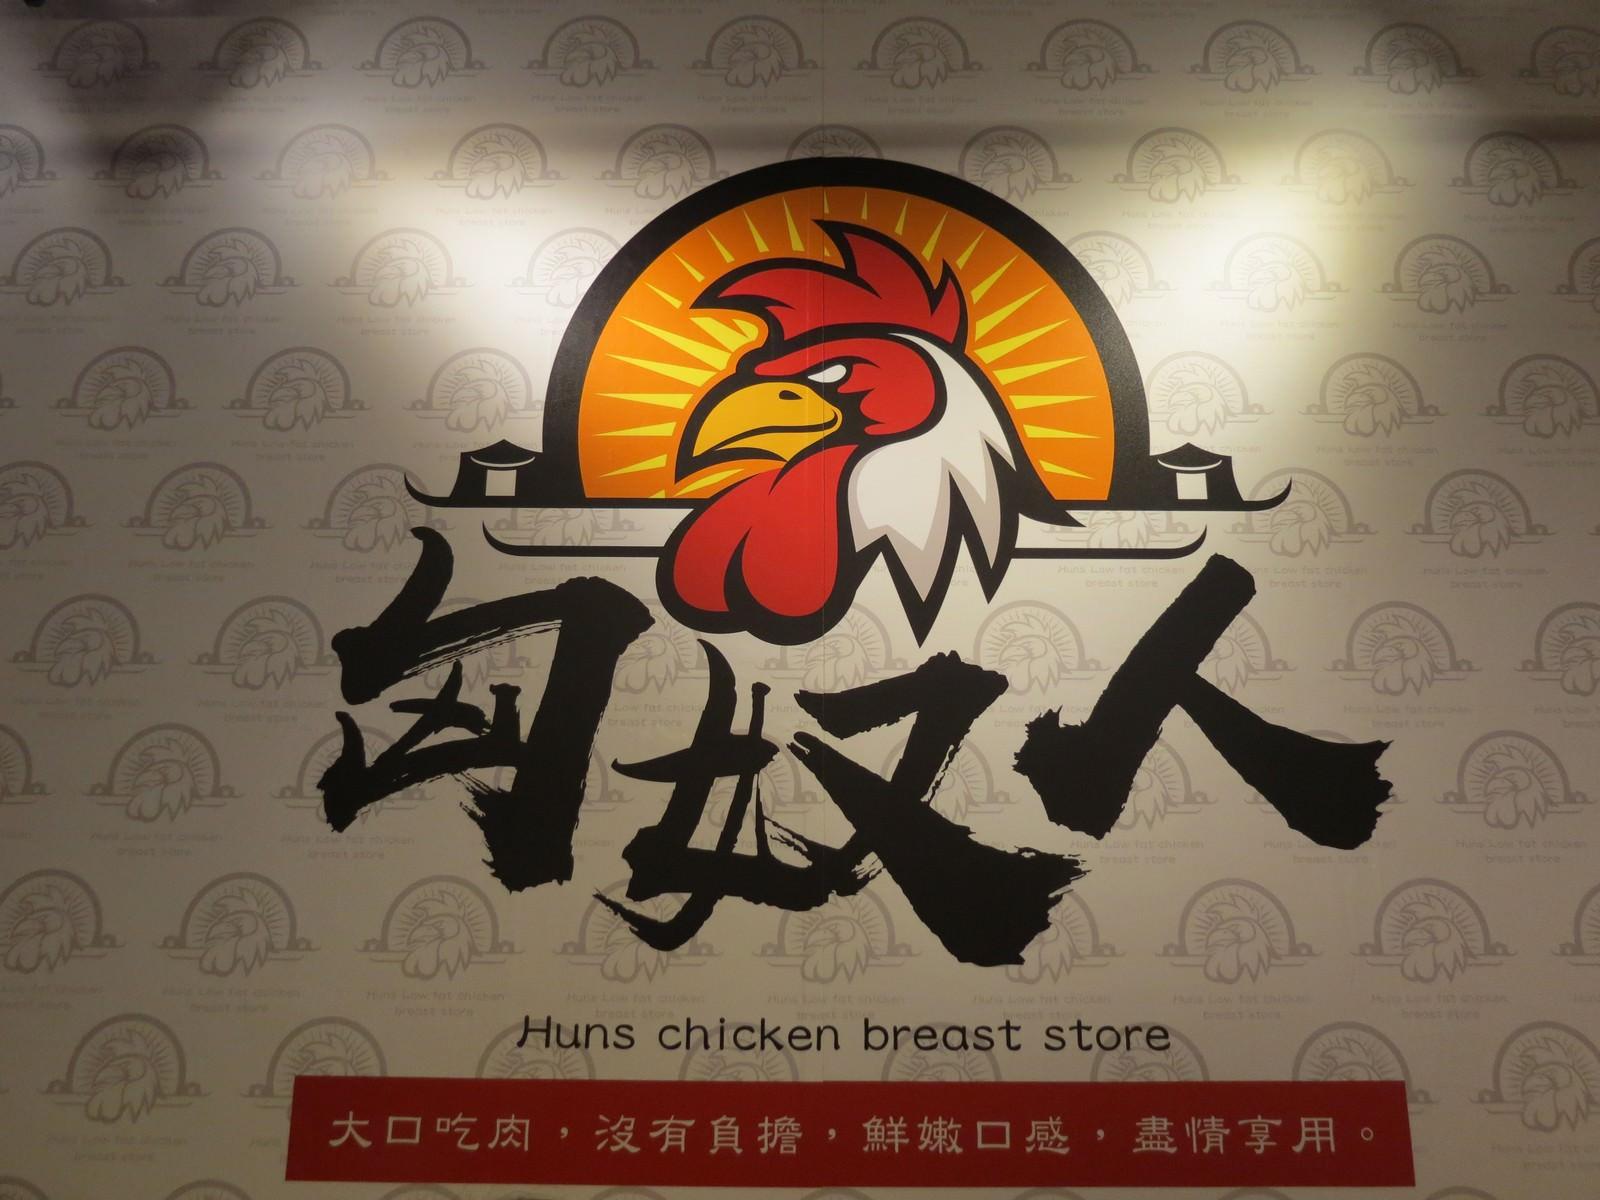 匈奴人雞胸肉專賣, LOGO